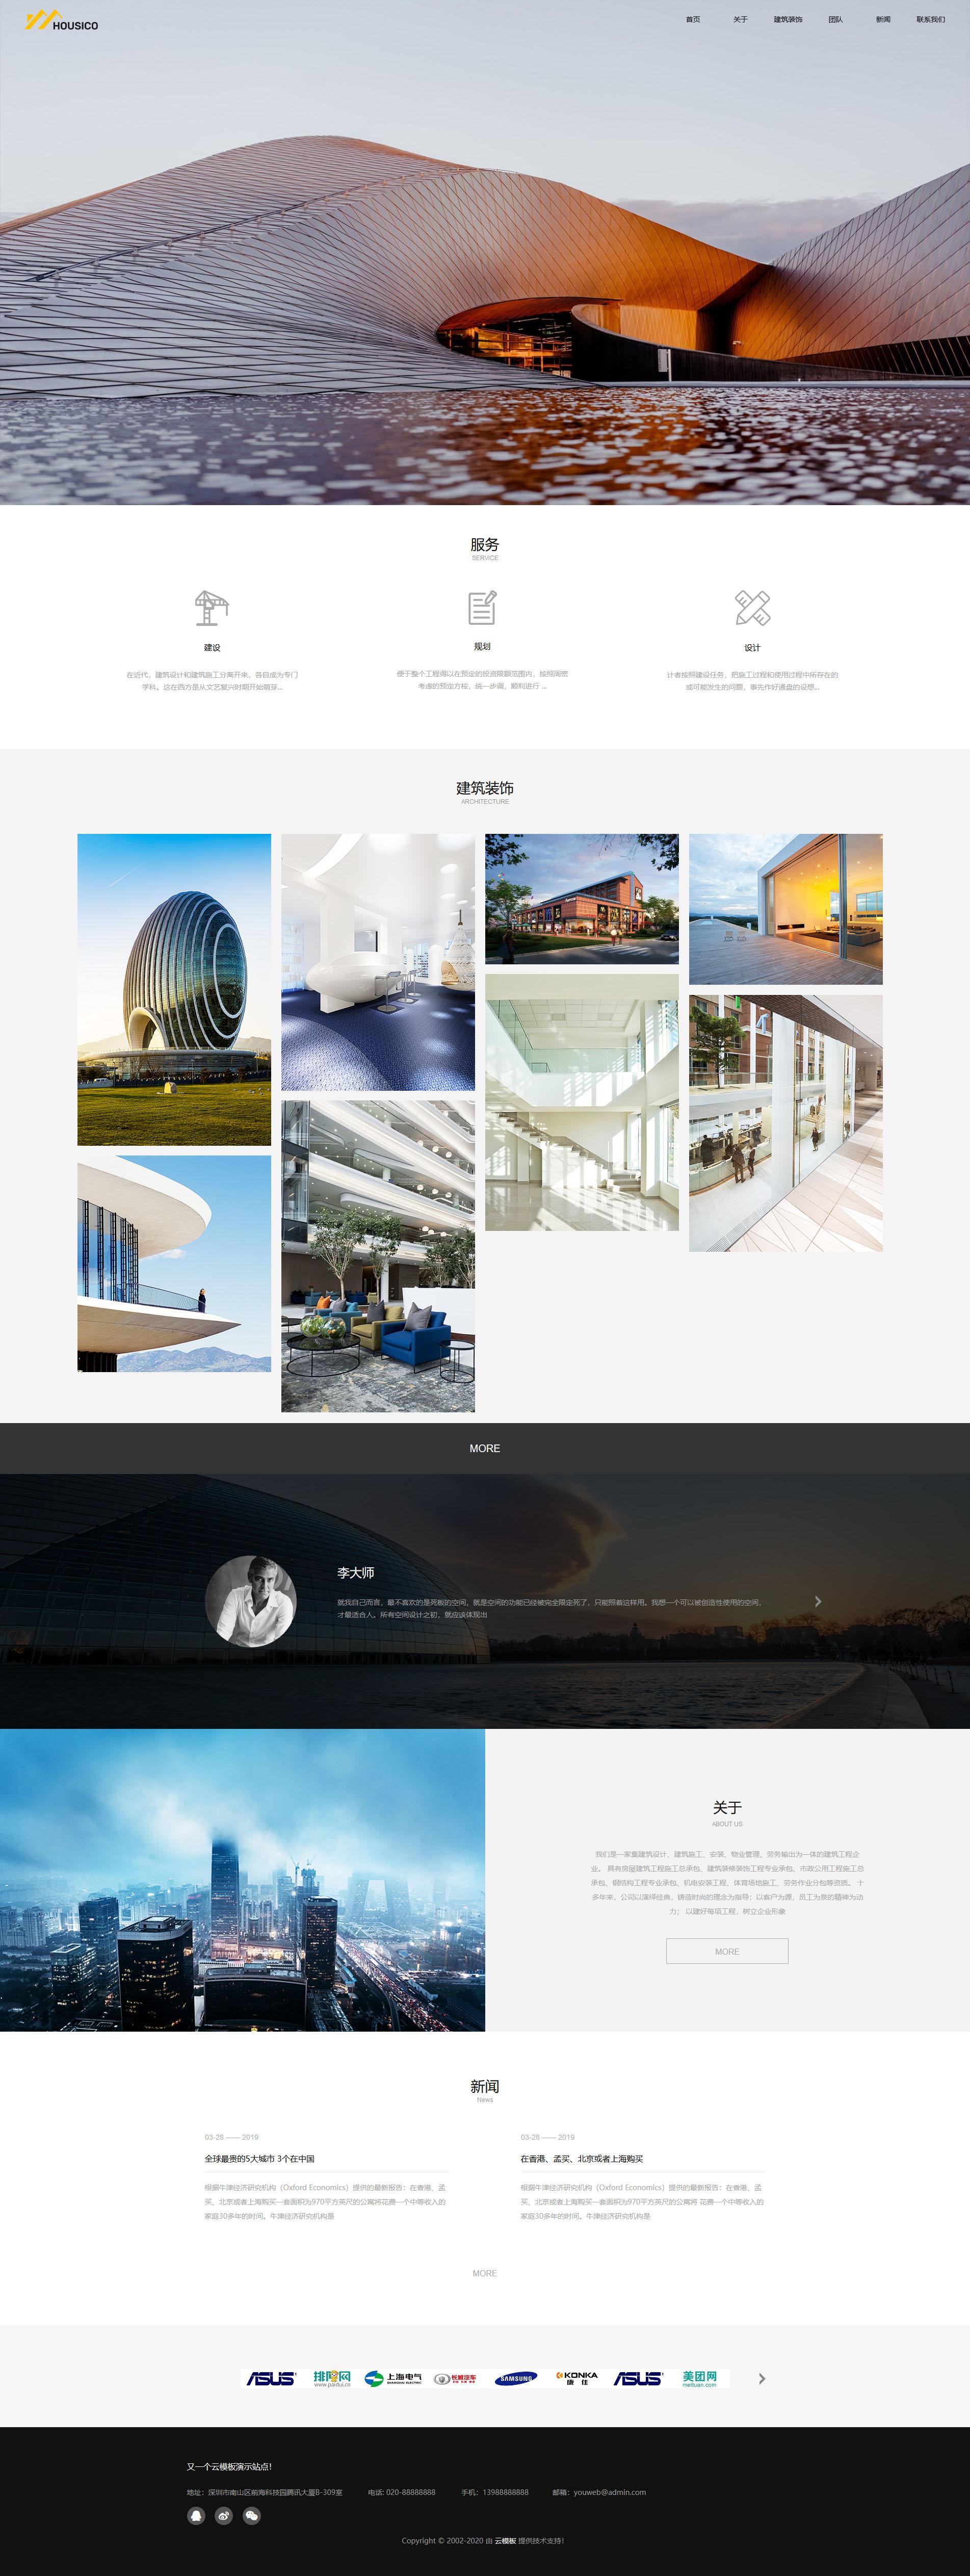 创意建筑景观设计装修公司 DeDeCMS 织梦模板